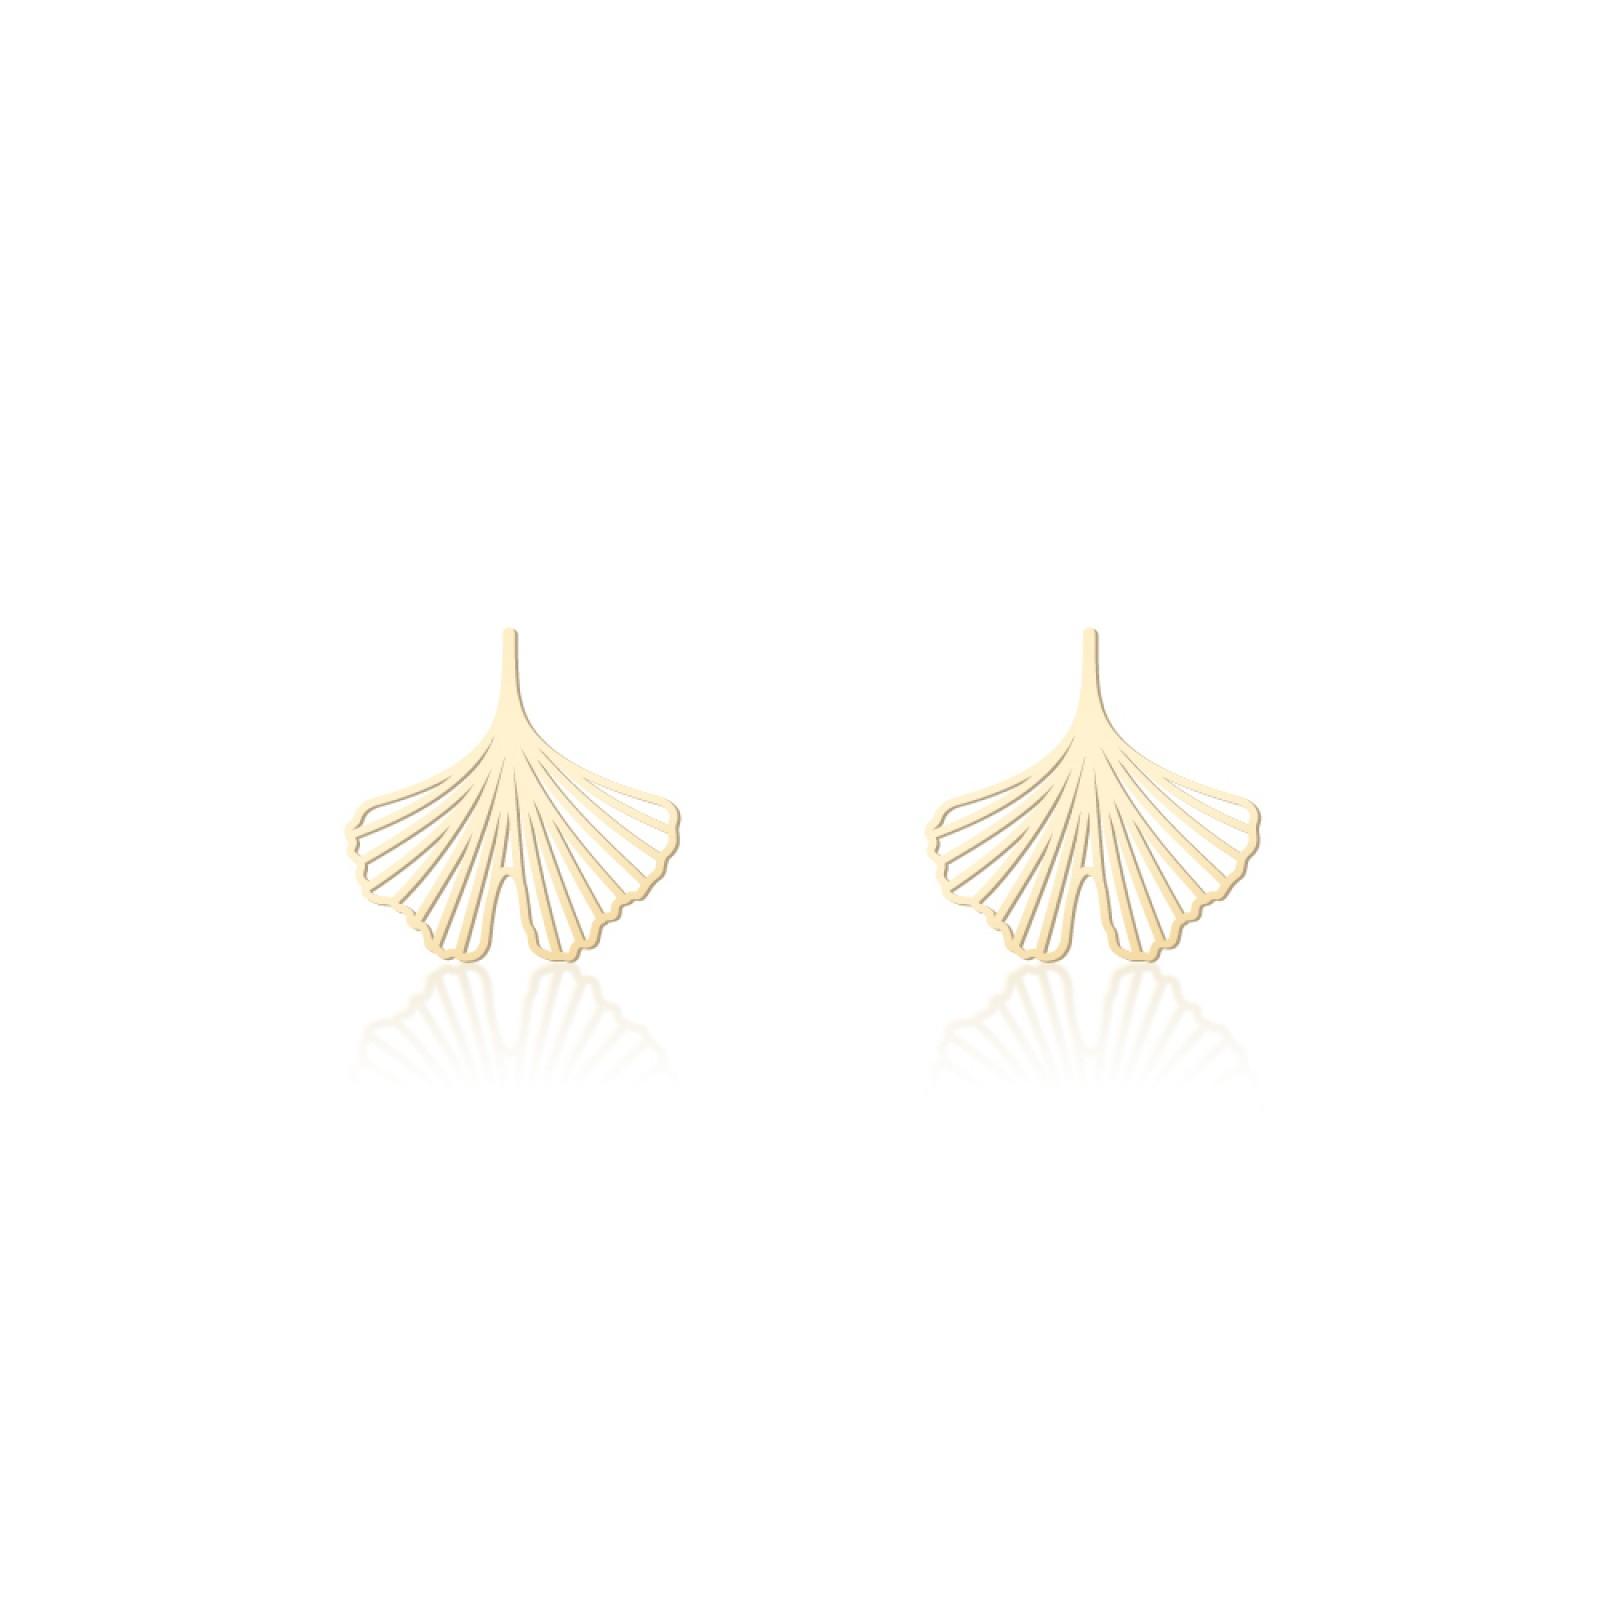 Σκουλαρίκια Ginkgo XS (Χρυσό) - Moorigin